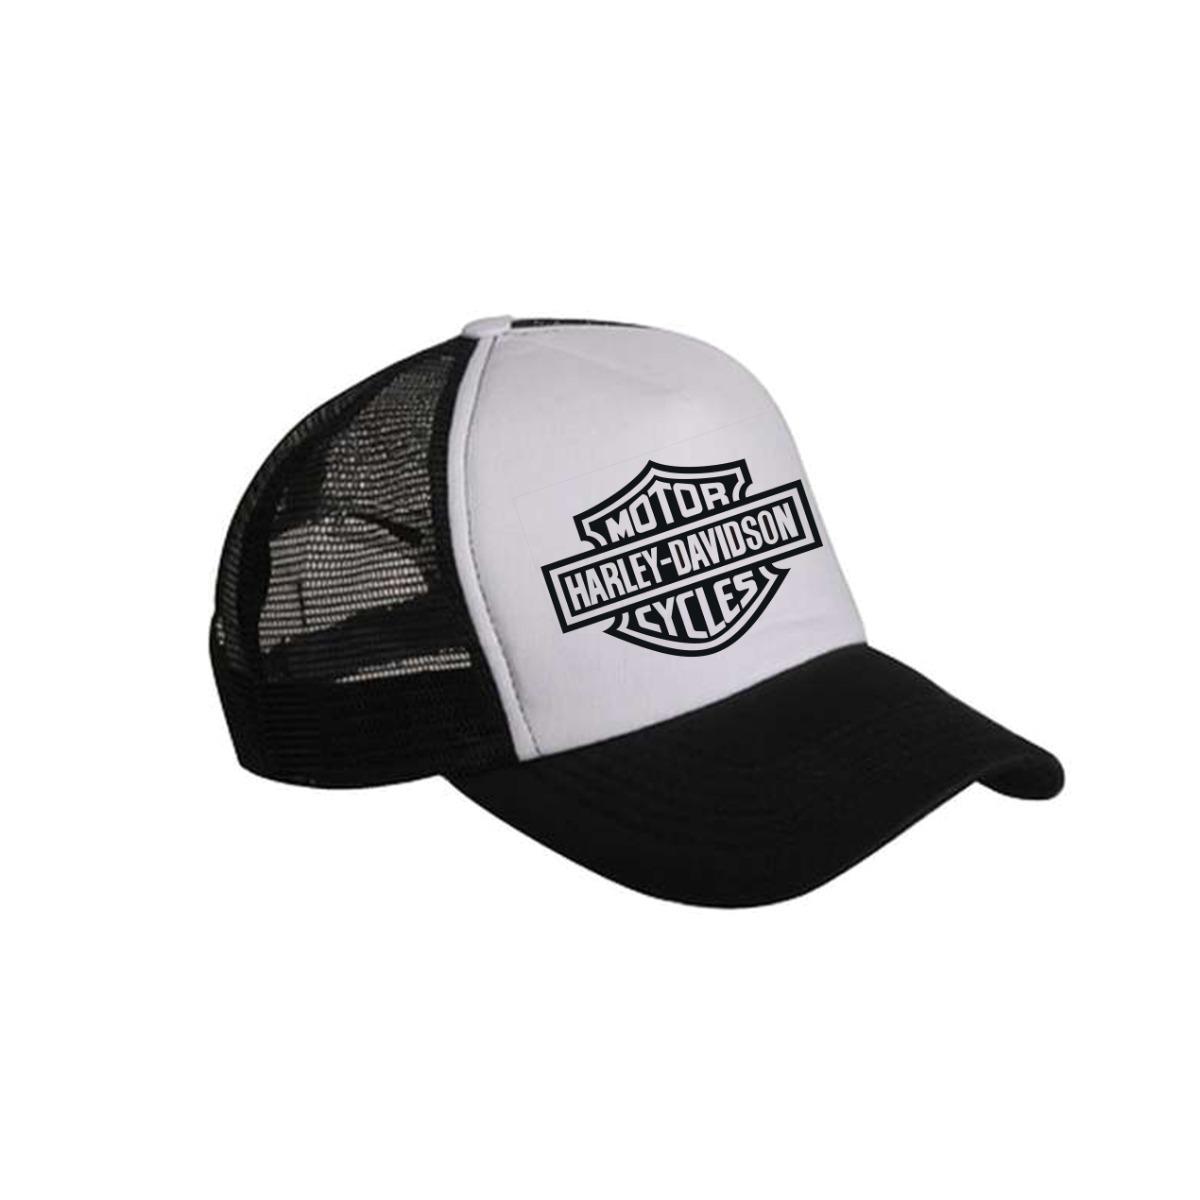 ad63669703277 Gorras Trucker Con Tu Logo Empresa Publicidad Pack 10 -   1.890